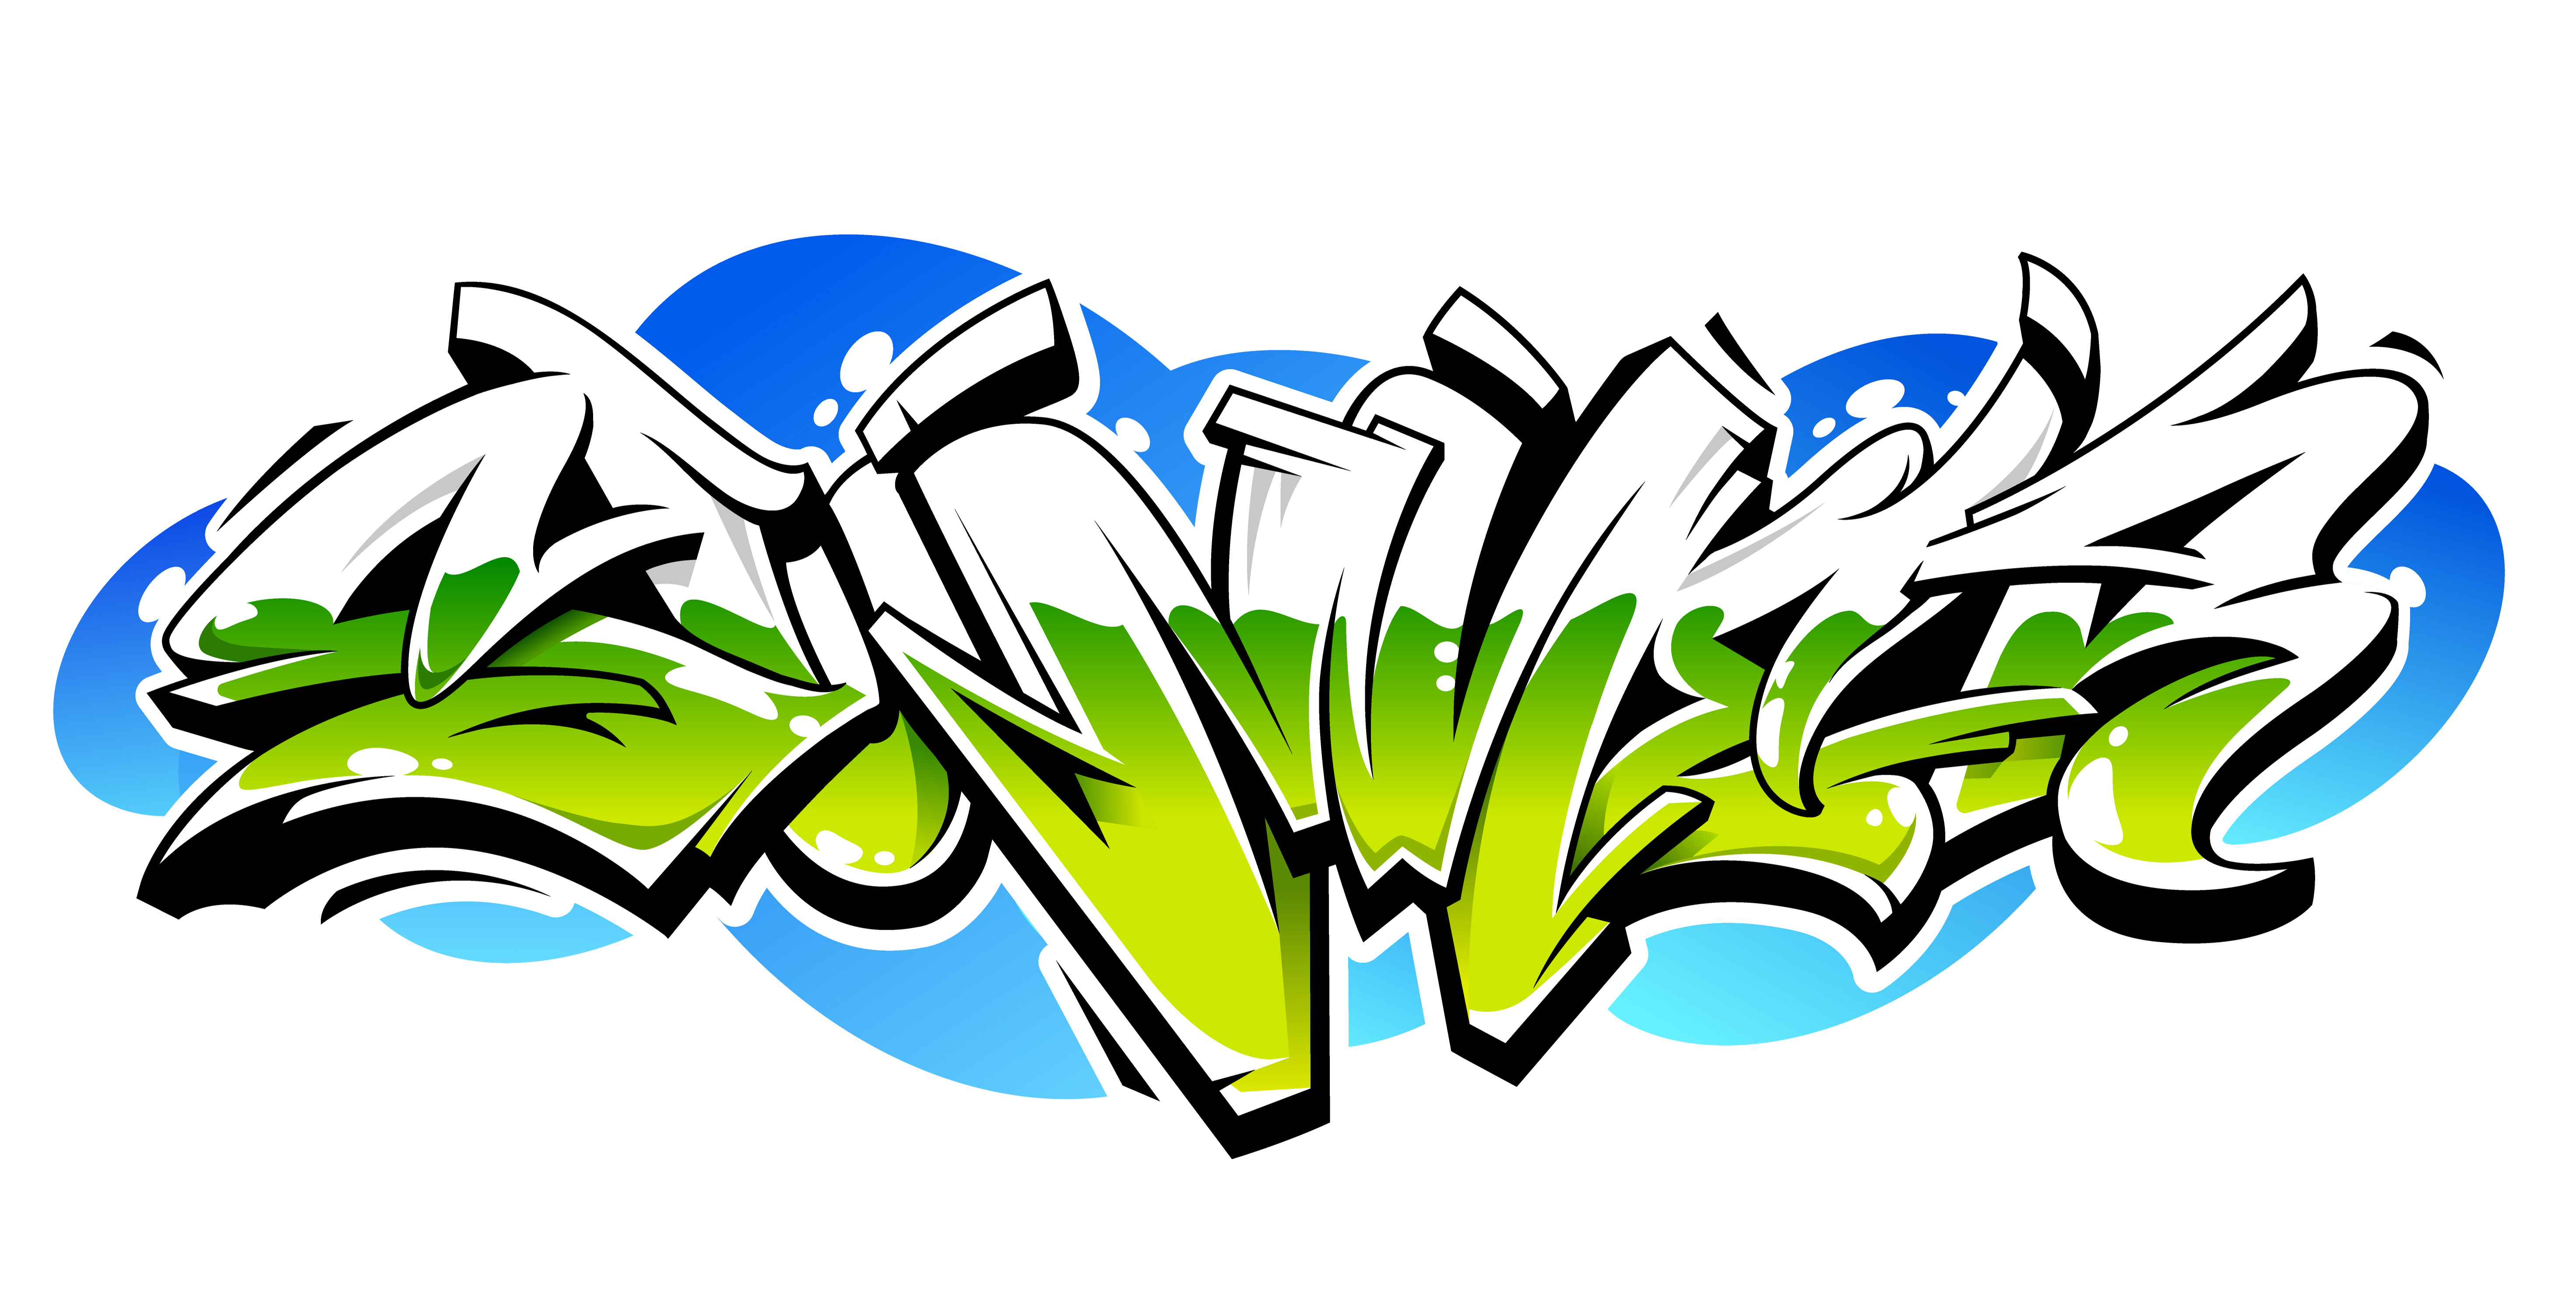 Summer graffiti vector lettering